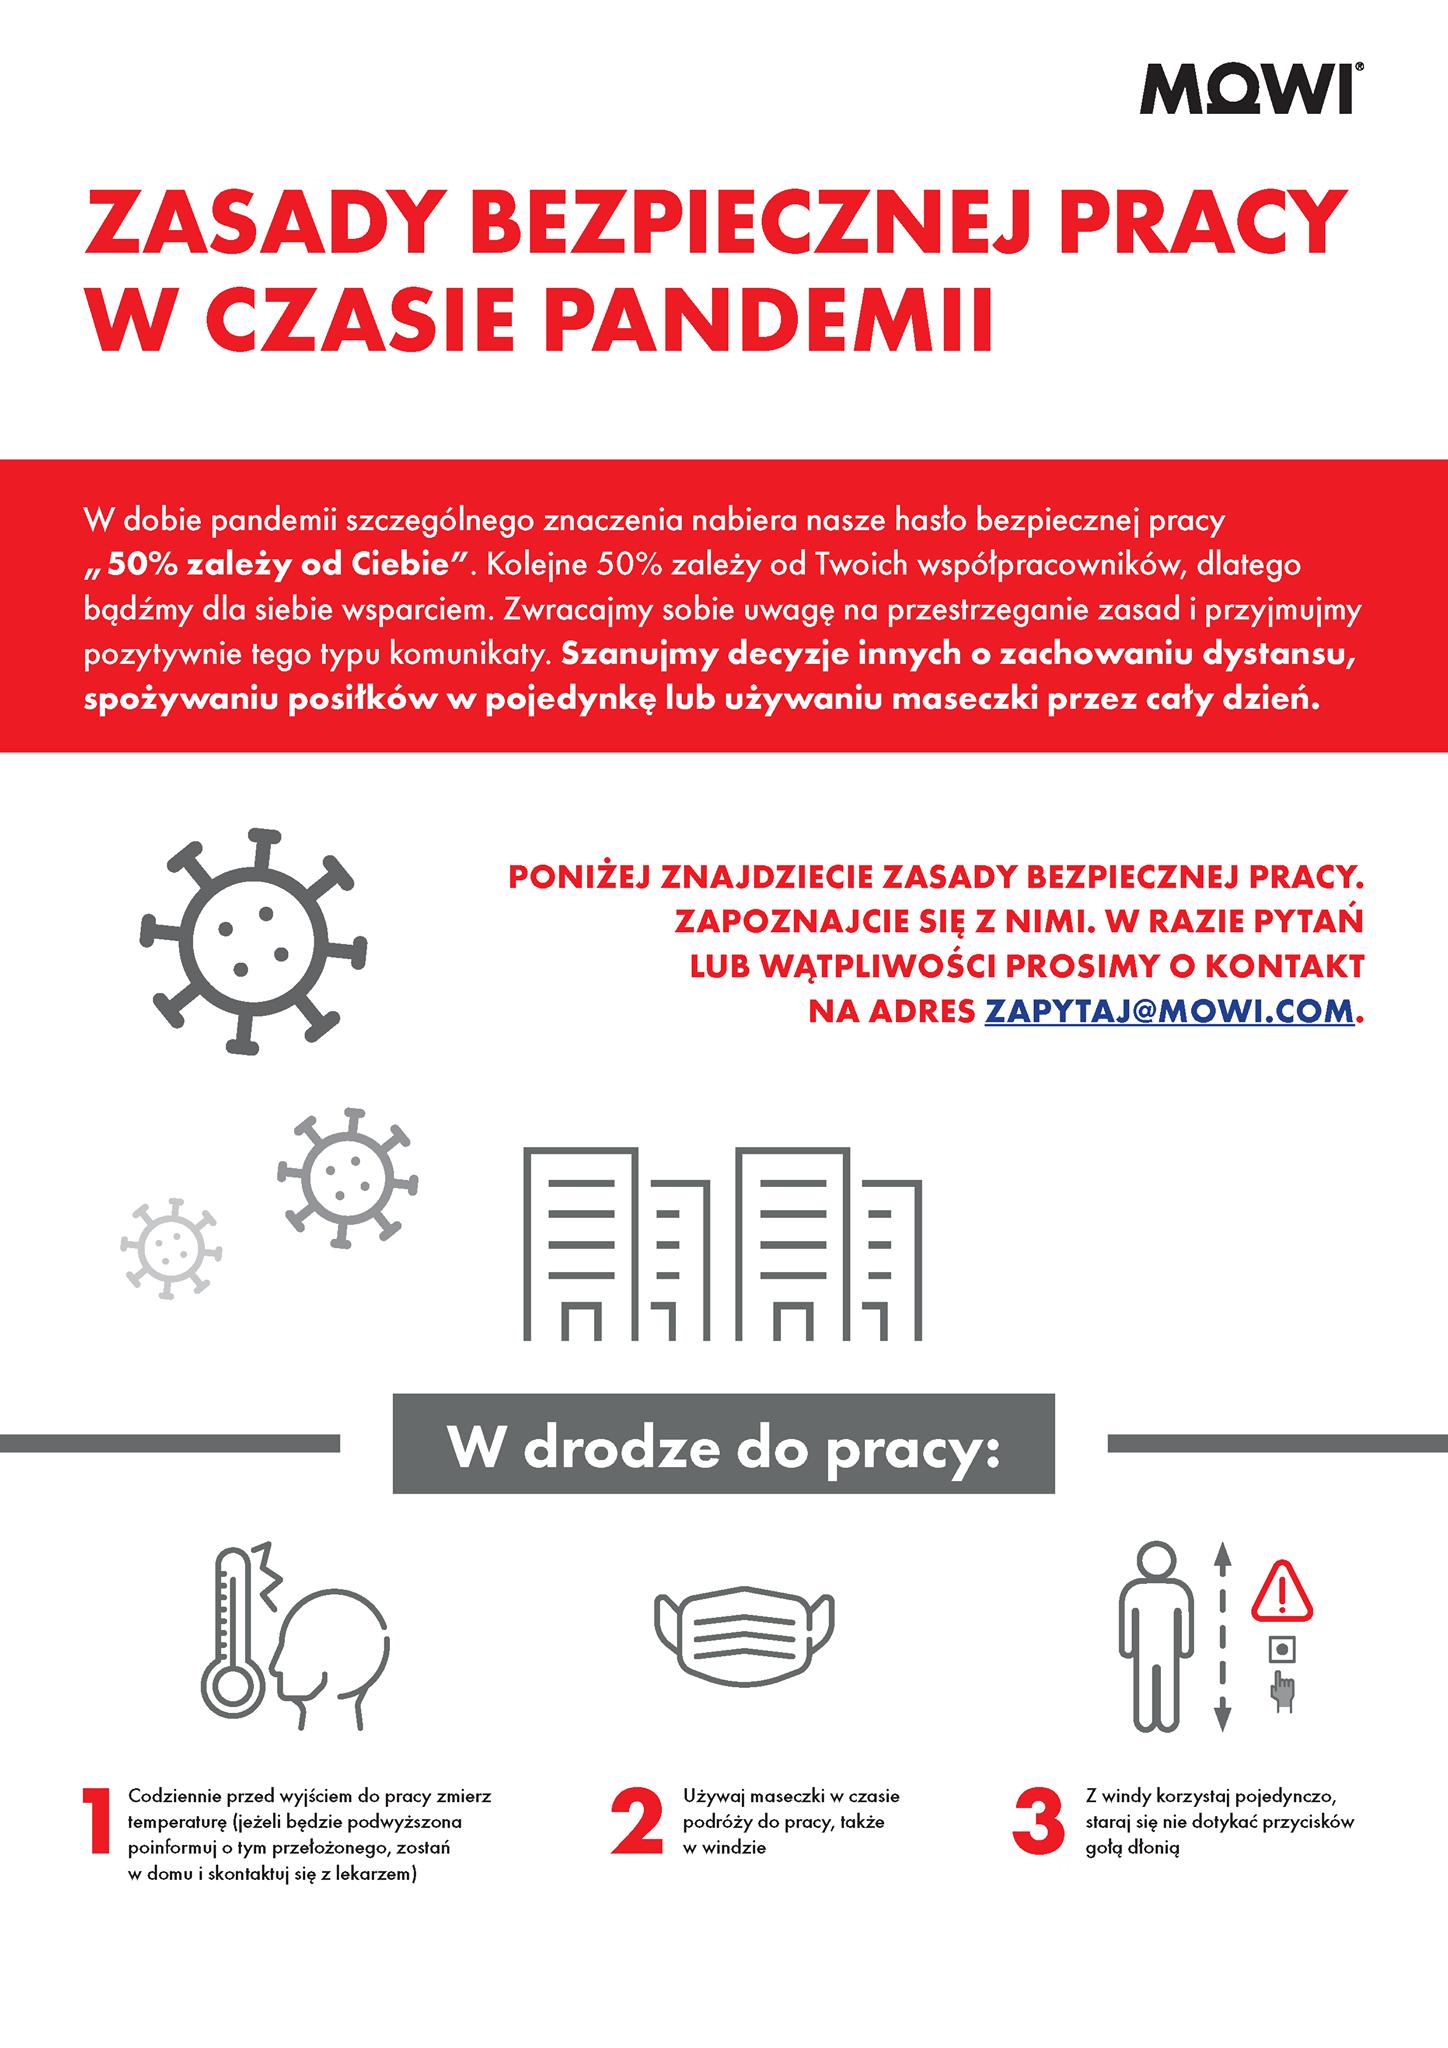 Zasady bezpiecznej pracy w czasie pandemii MOWI